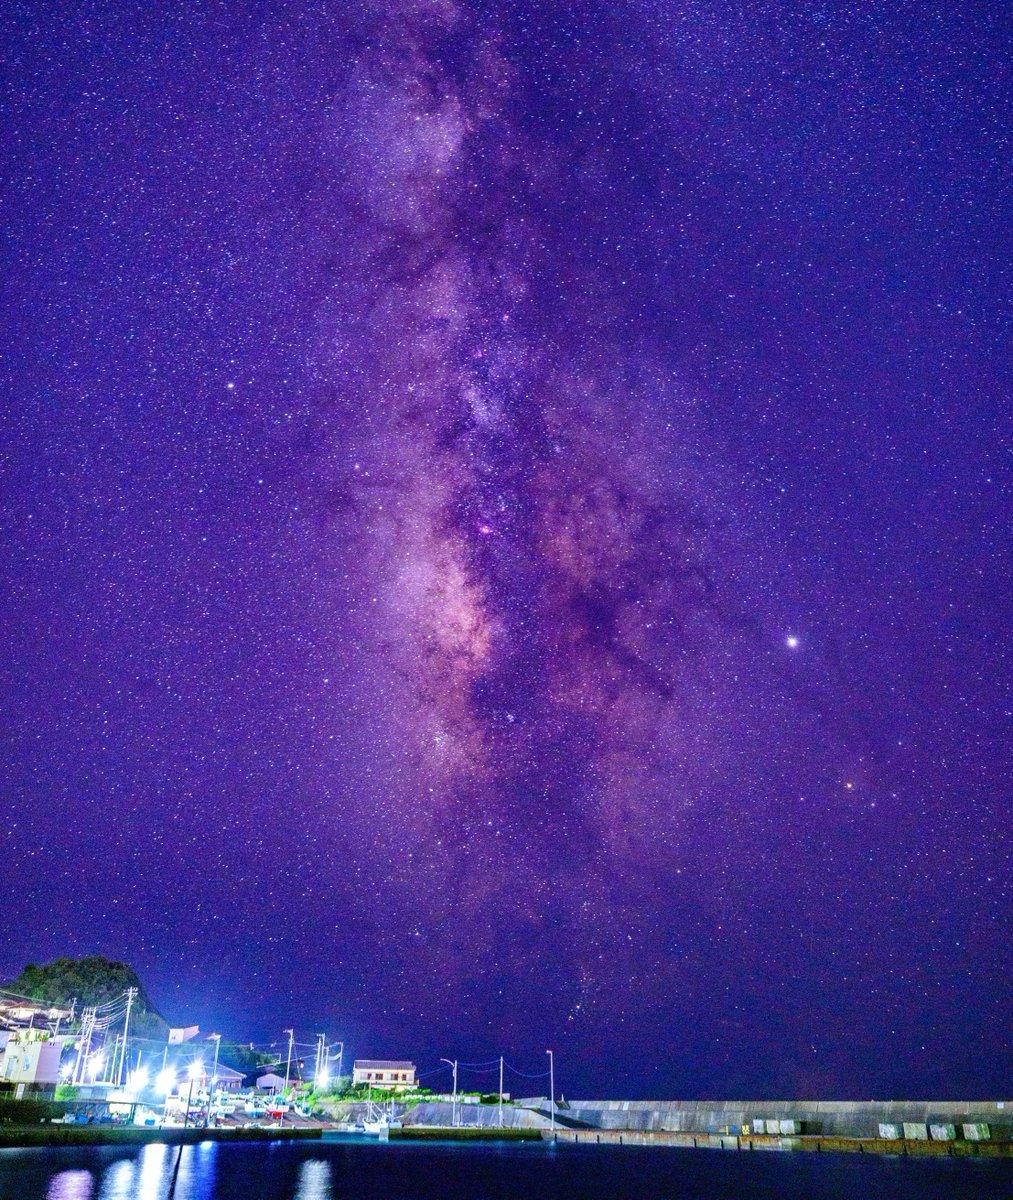 漁港と天の川。夏の大三角。南房総にて。  #星空 #星景写真 #天の川 #南房総 #写真好きな人と繫がりたい #カメラ好きな人と繋がりたい #旅行好きな人と繋がりたい #ファインダー越しの私の世界 #Z7 #Nikonpic.twitter.com/LR8cNfzGmQ